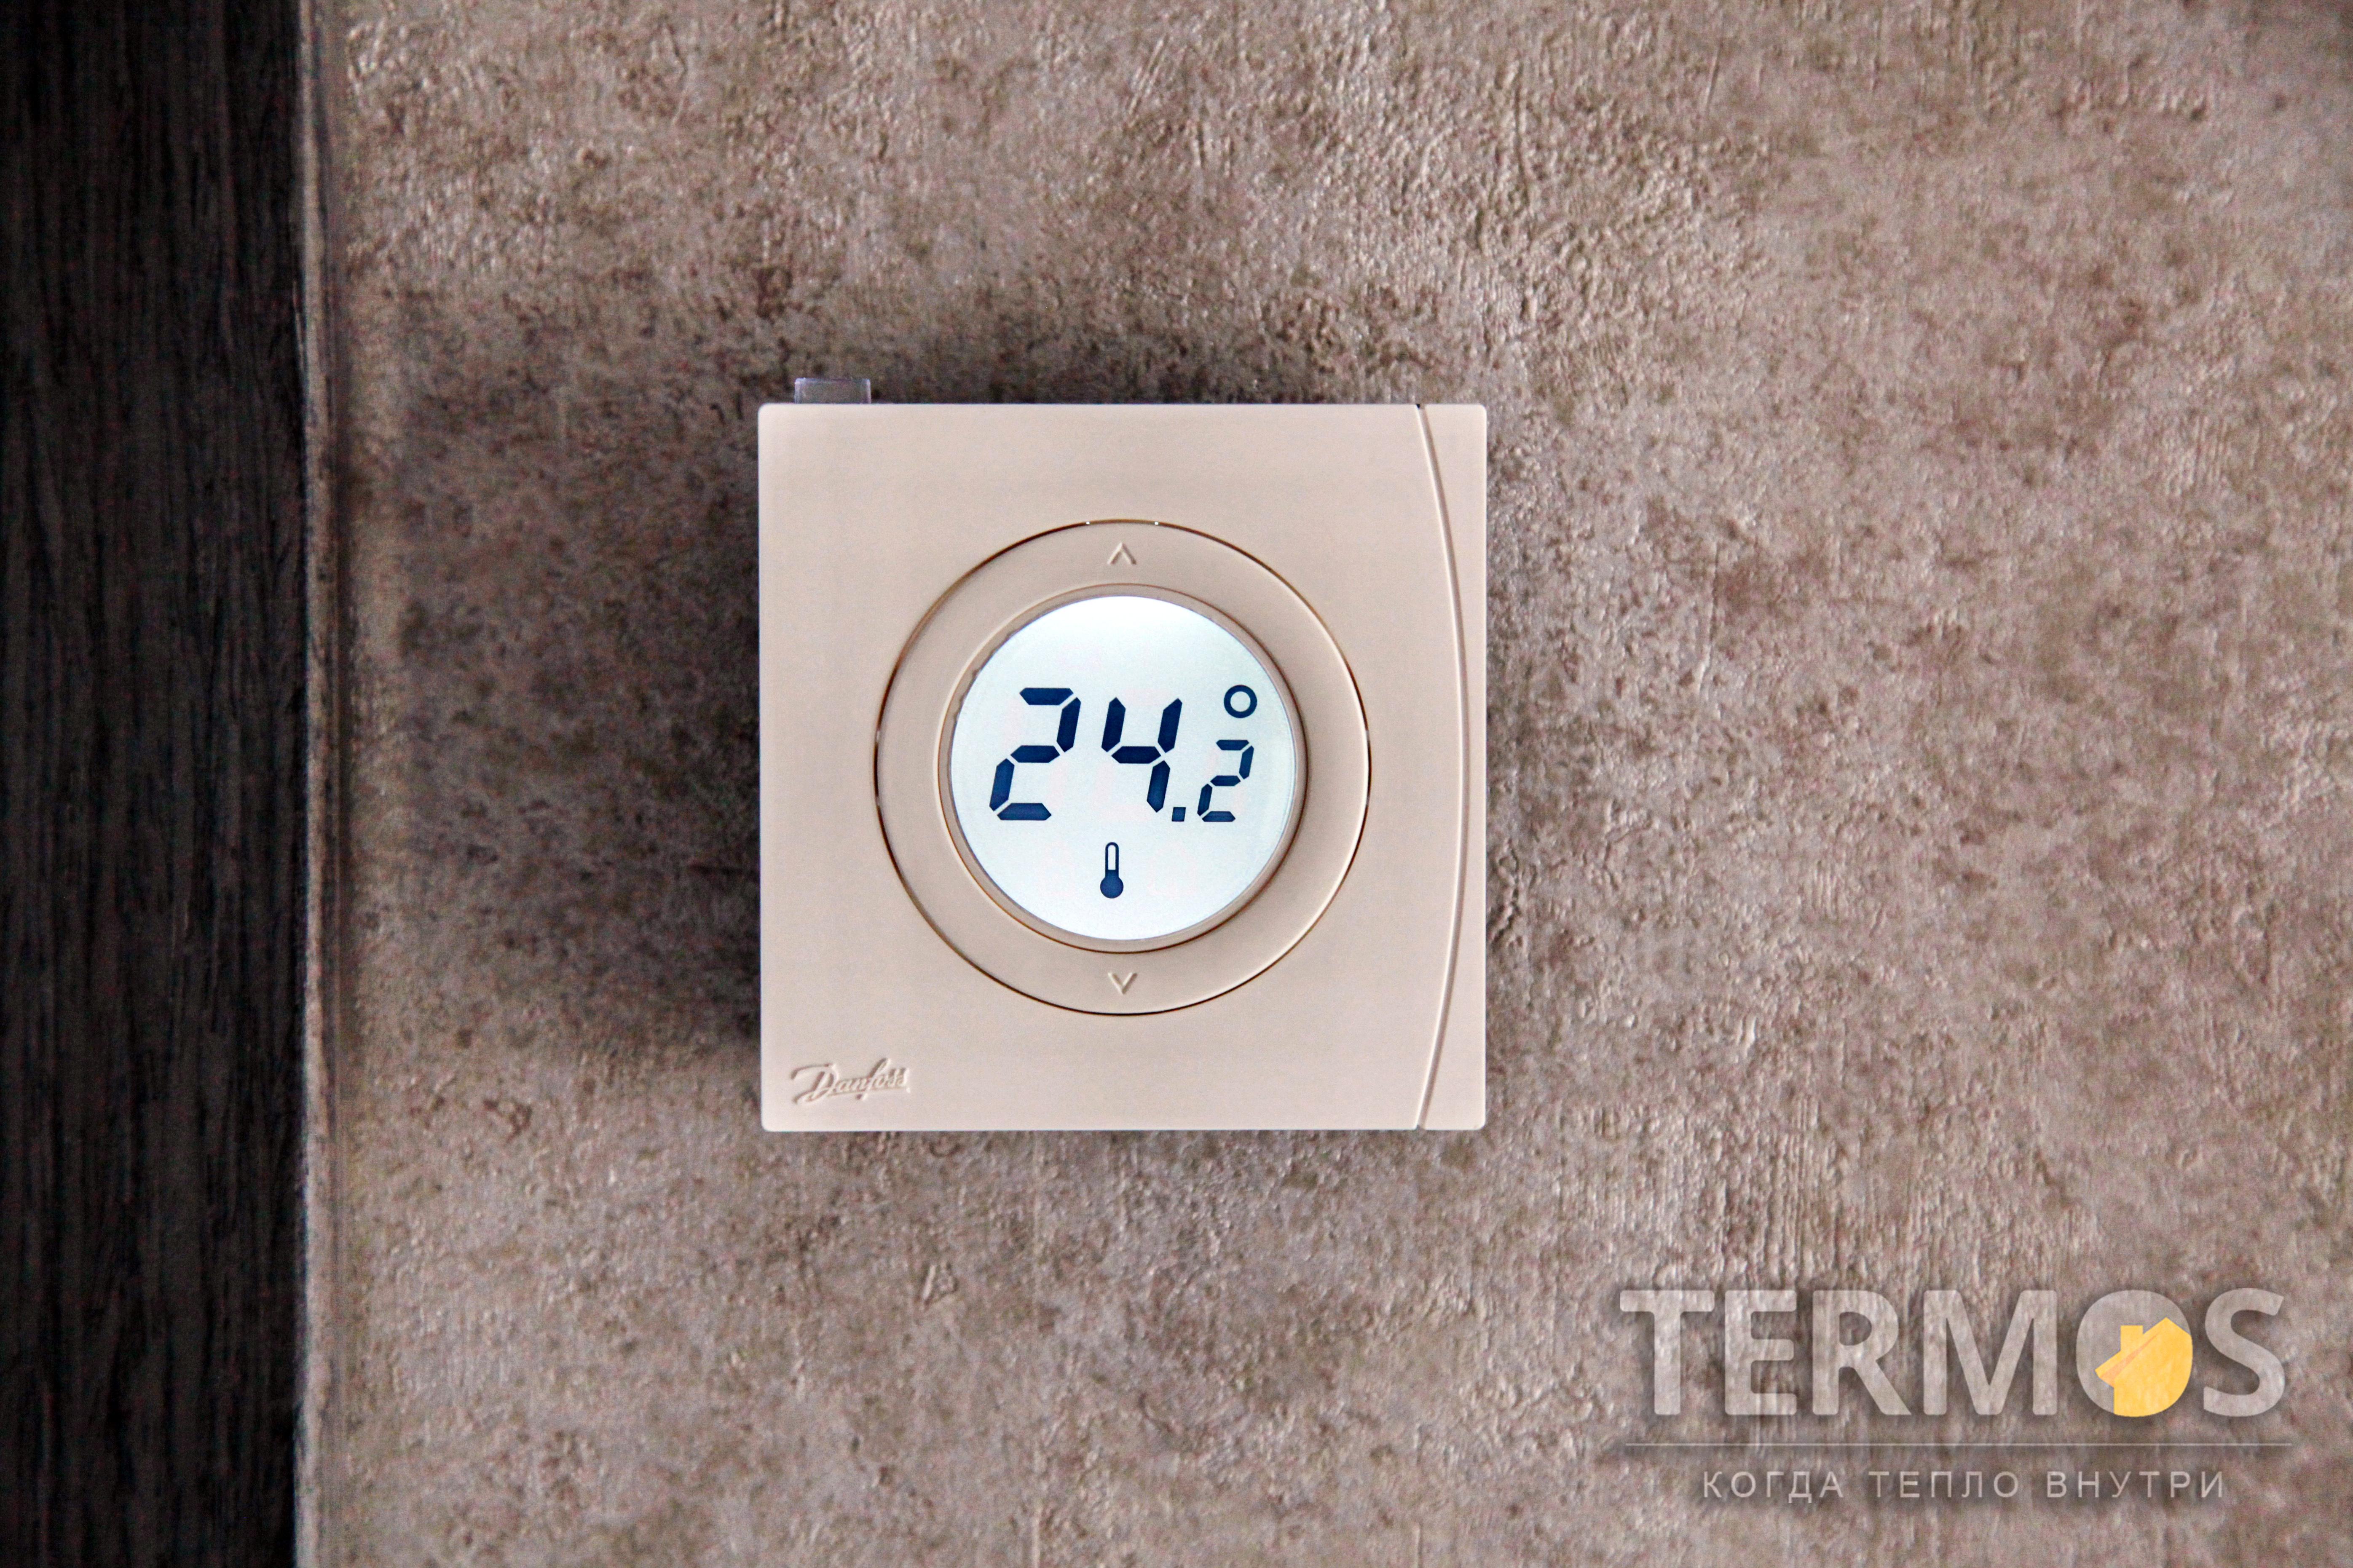 Беспроводной комнатный термостат. Позволяет менять температуру непосредственно в помещении. Так же изменить температуру можно с центральной панели или удаленно через интернет